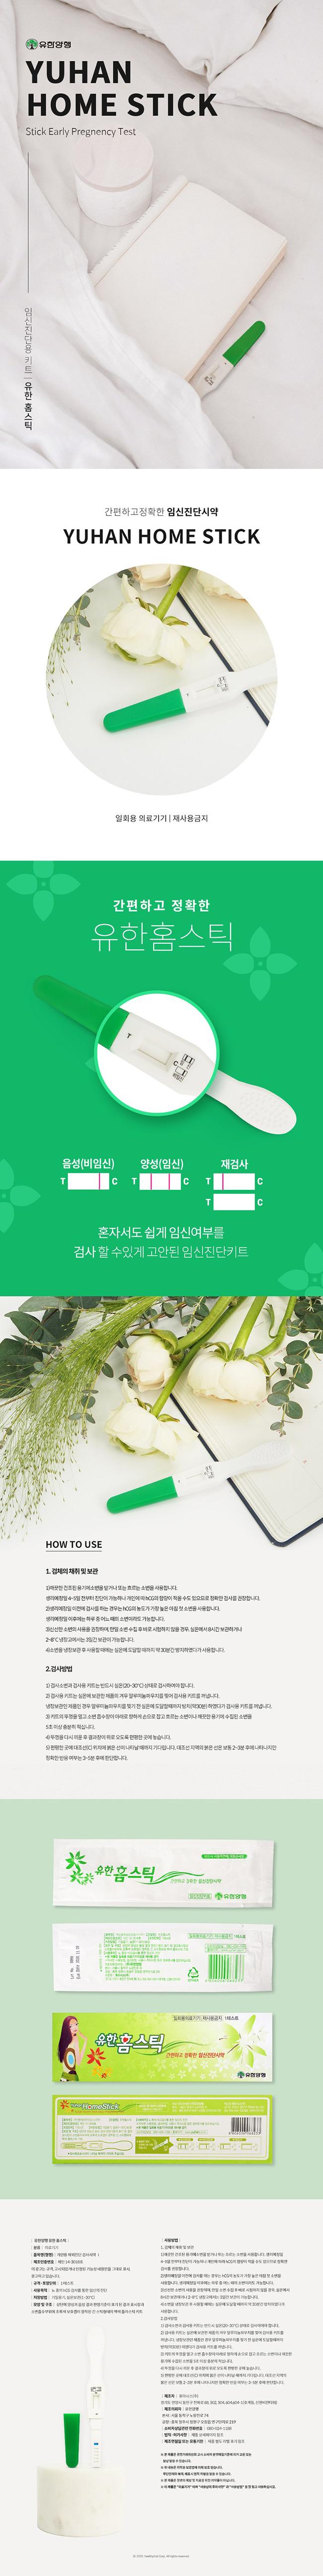 [임신테스트기] 유한 홈스틱 - 임신테스트기